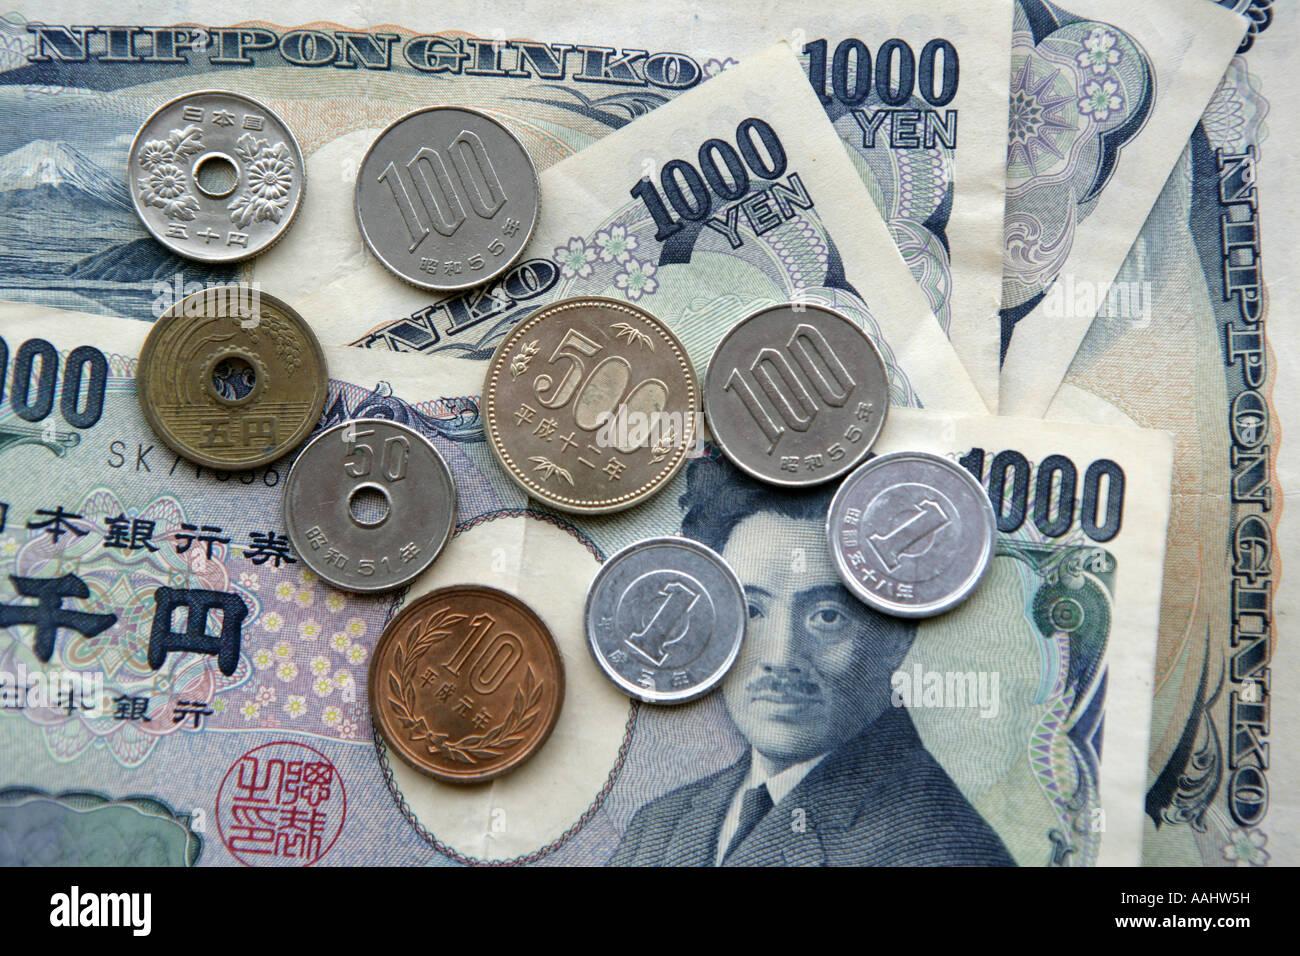 Jpn Japan Tokyo Japanische Geld Münzen Und Banknoten Yen